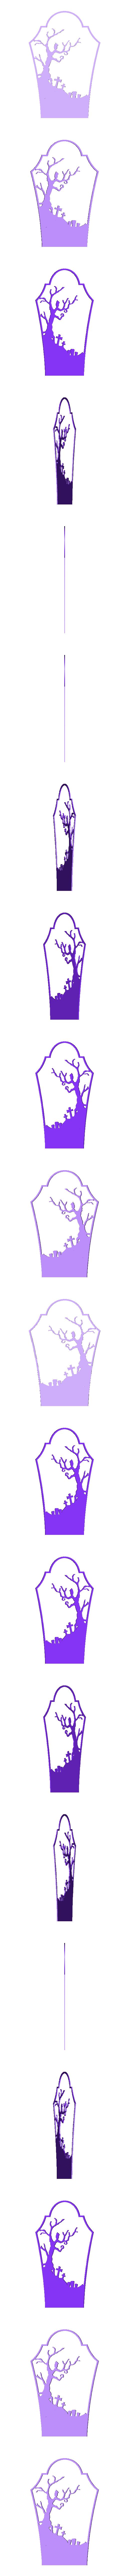 Layer_3_TREE.stl Descargar archivo STL gratis HALLOWEEN Profundidad Silueta Lápida • Diseño para impresión en 3D, Grafit